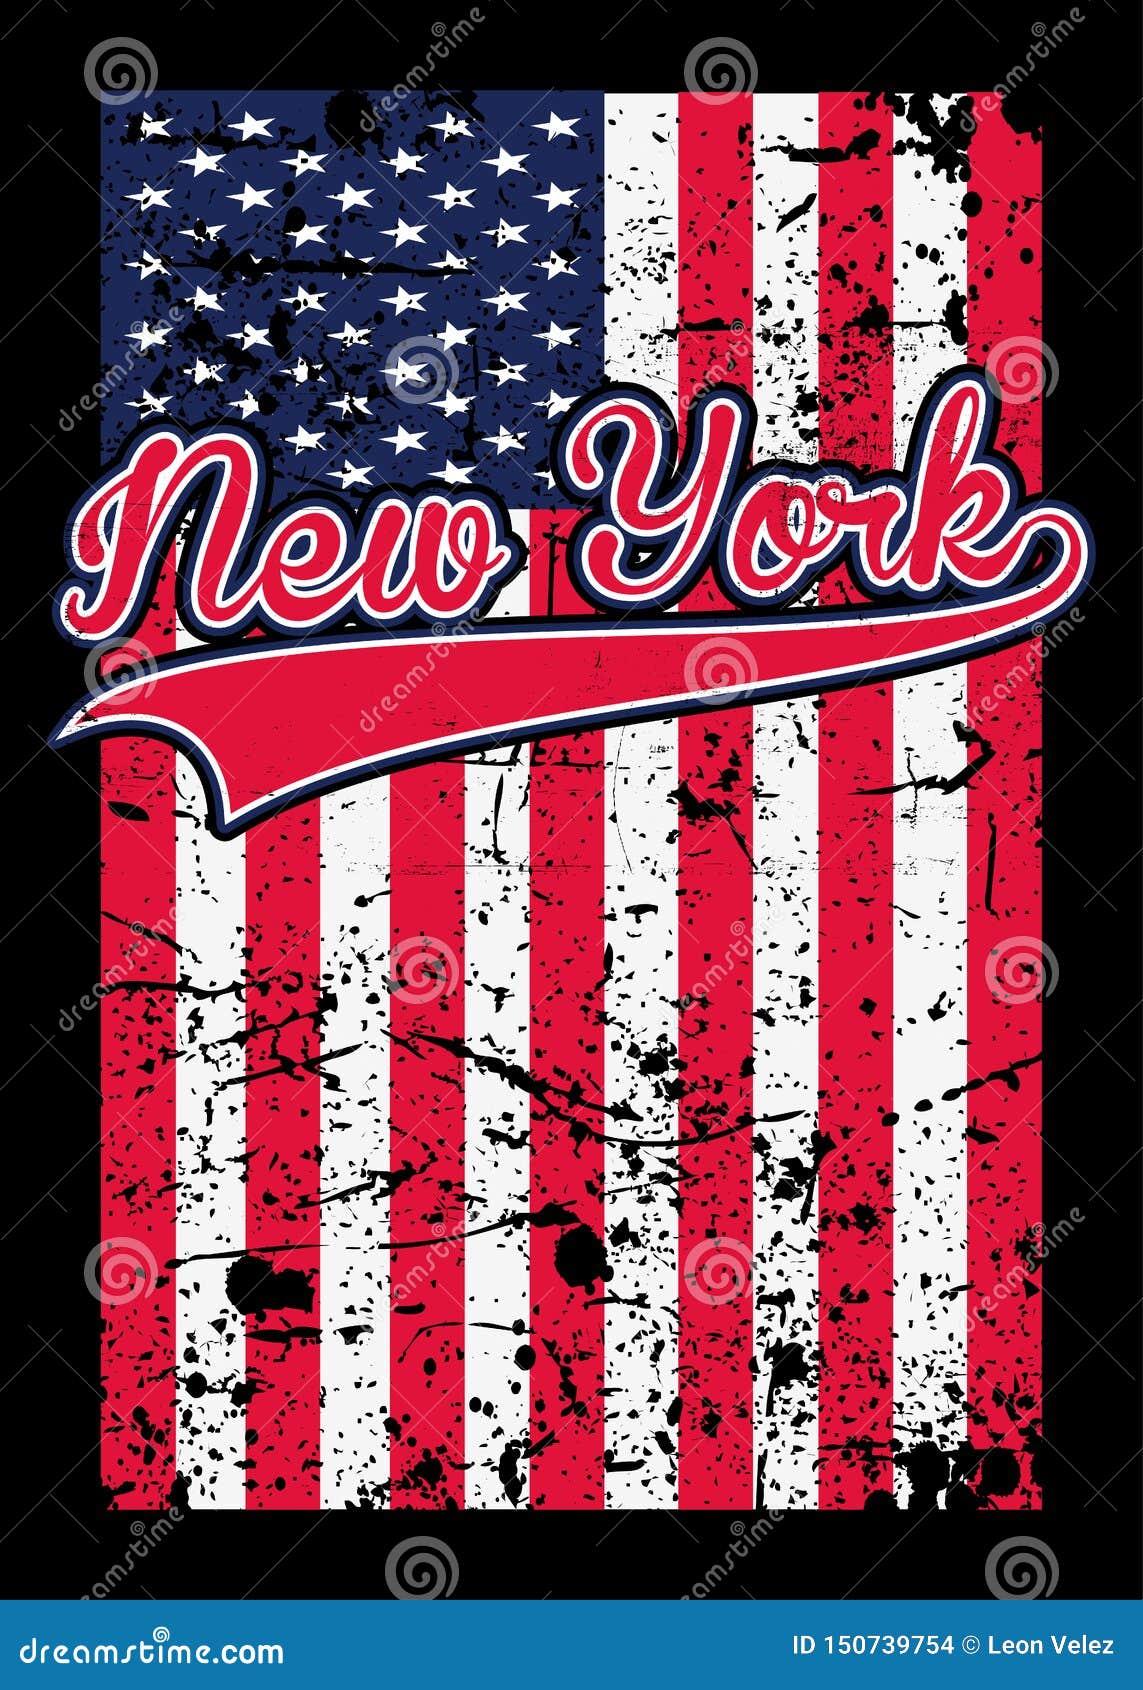 Της Νέας Υόρκης στενοχωρημένο αμερικανική σημαία διάνυσμα γραμμάτων Τ αφισών ζωηρόχρωμο γραφικό